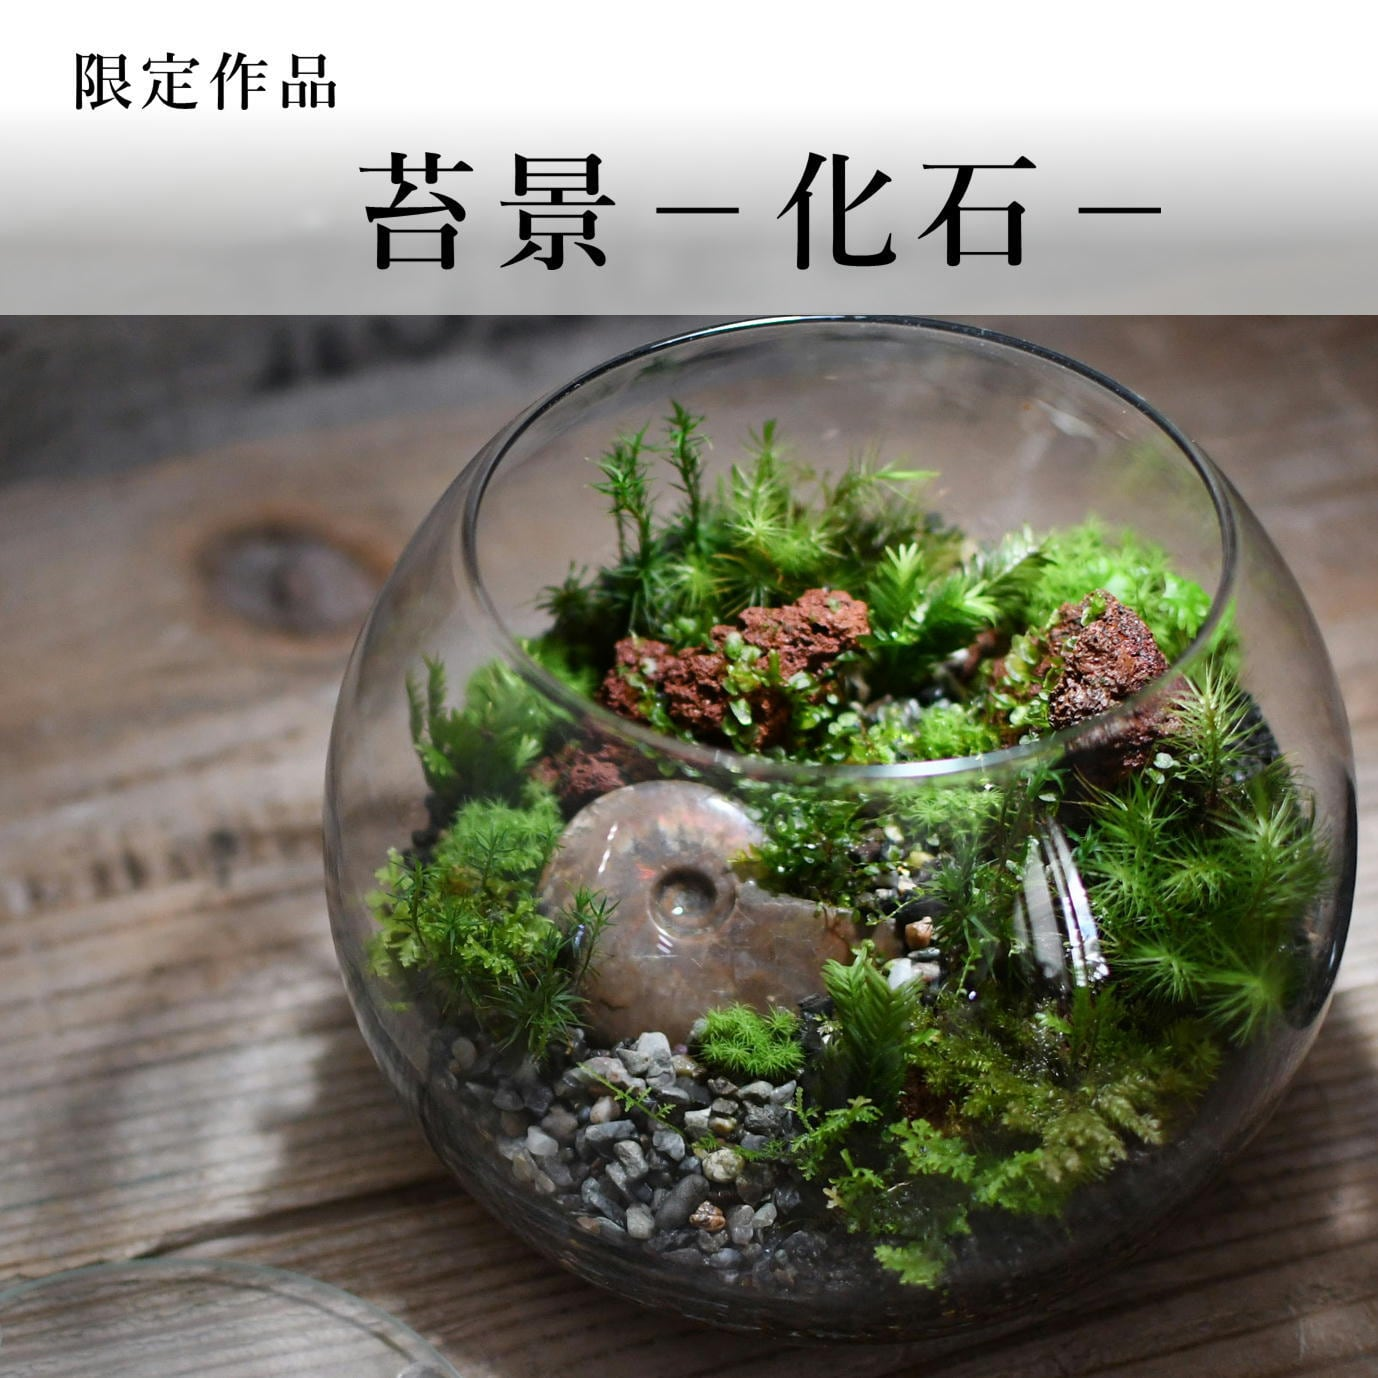 苔景−化石−2021.7.4#4【苔テラリウム・現物限定販売】